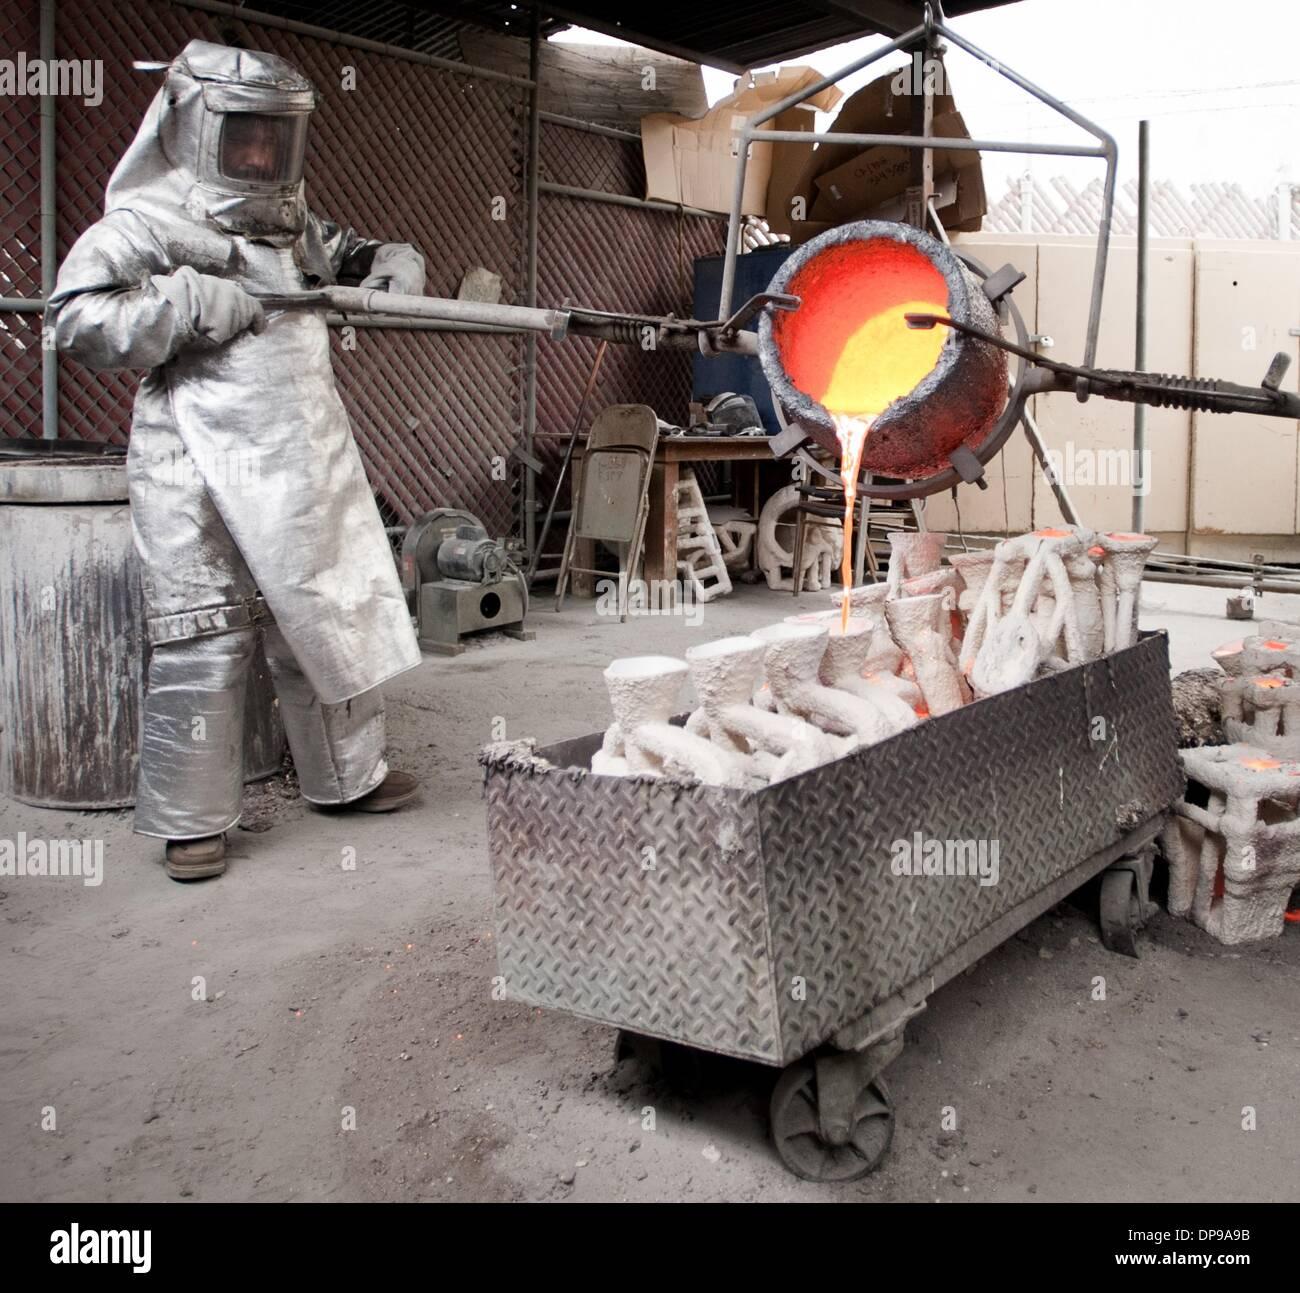 Foundry Workers Stockfotos & Foundry Workers Bilder - Alamy